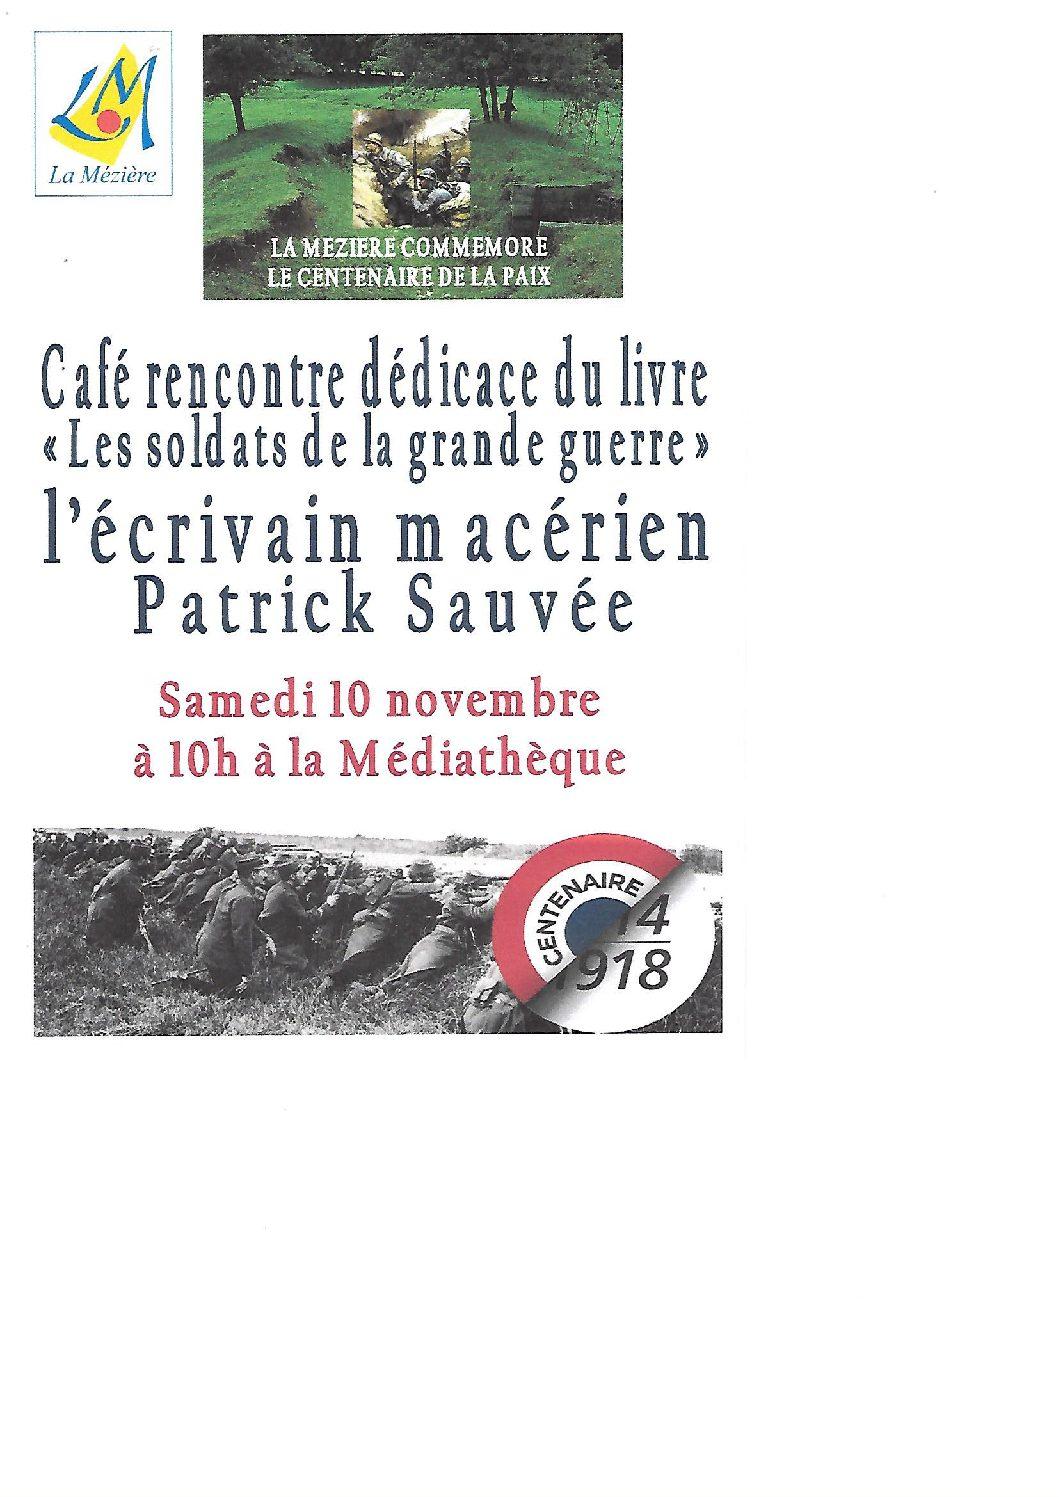 Café rencontre et dédicace du livre «Les soldats de la grande guerre»